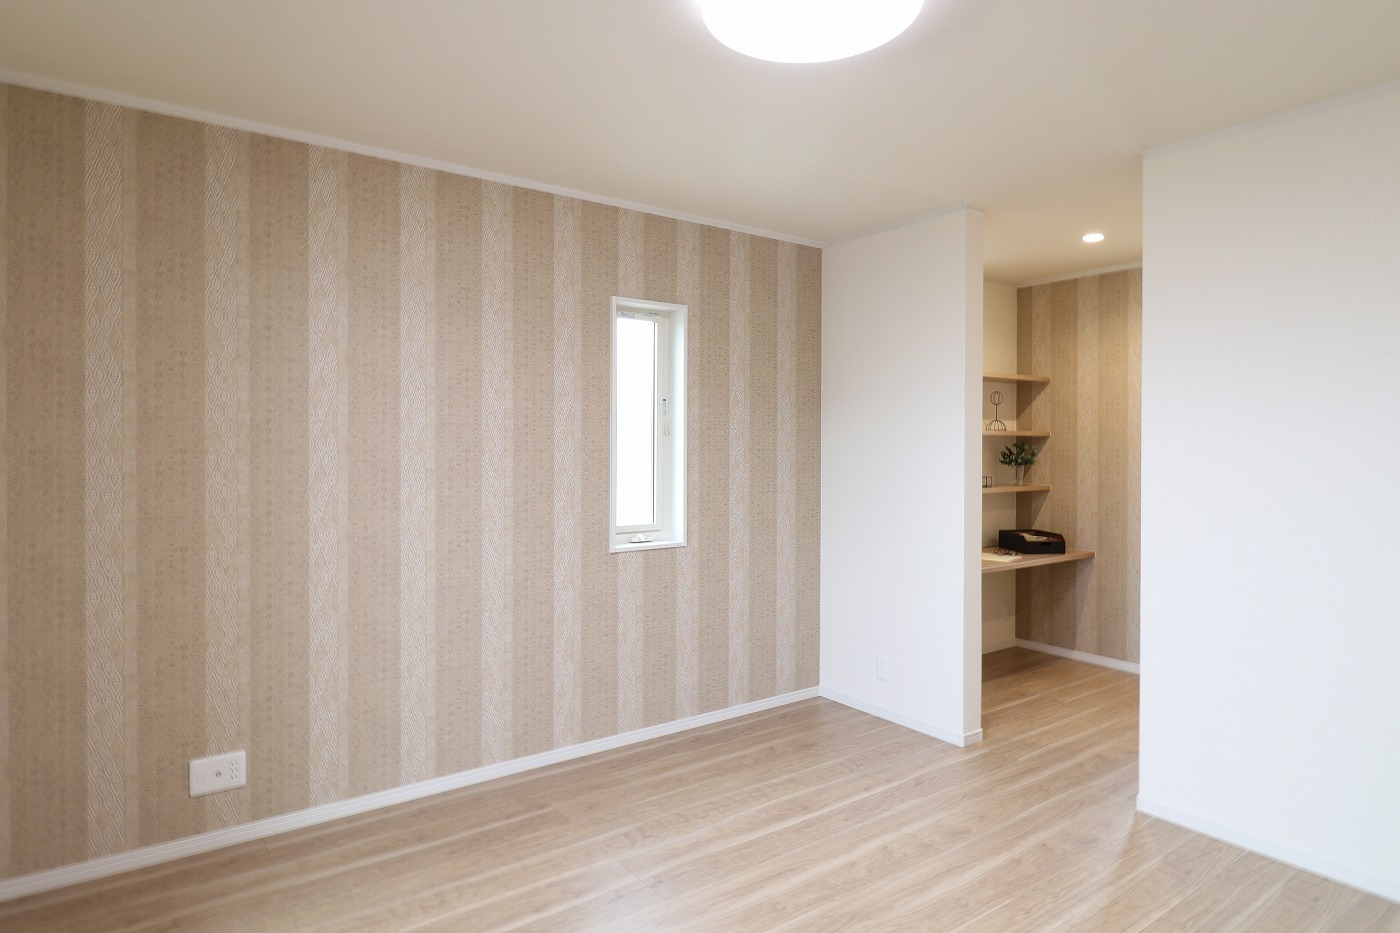 高松市六条町の新築分譲住宅の寝室